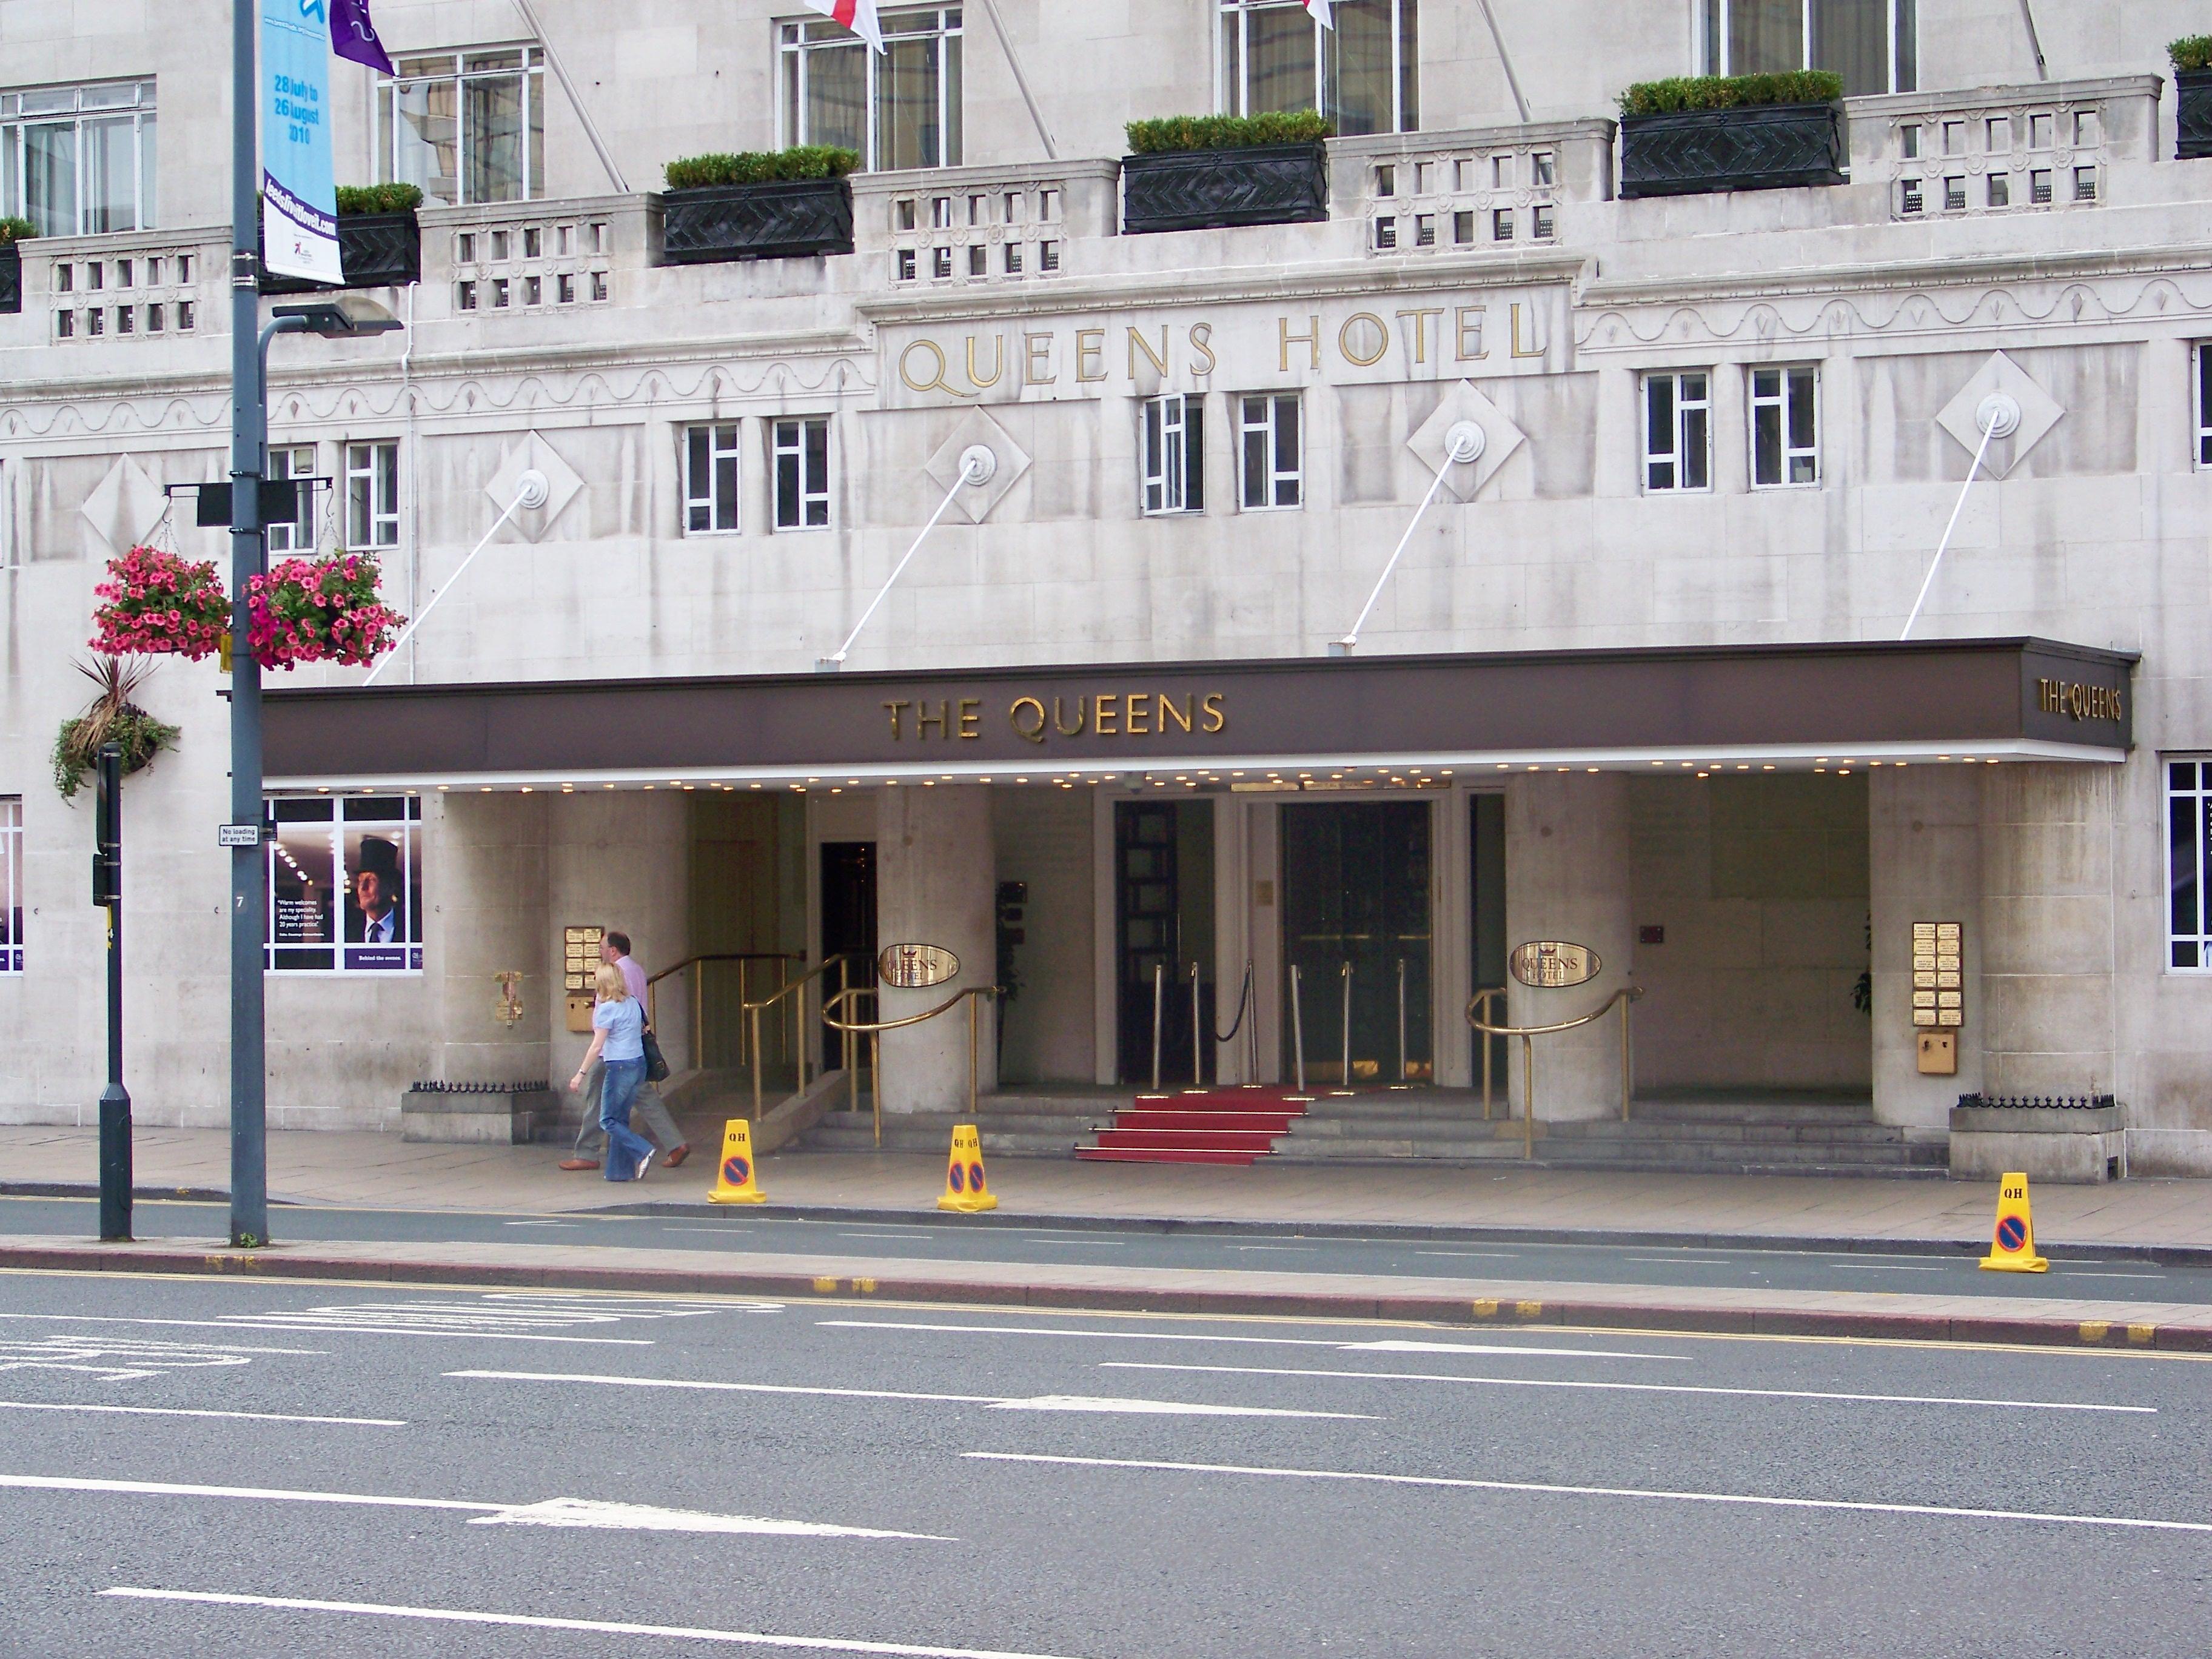 Queens Hotel London Postcode